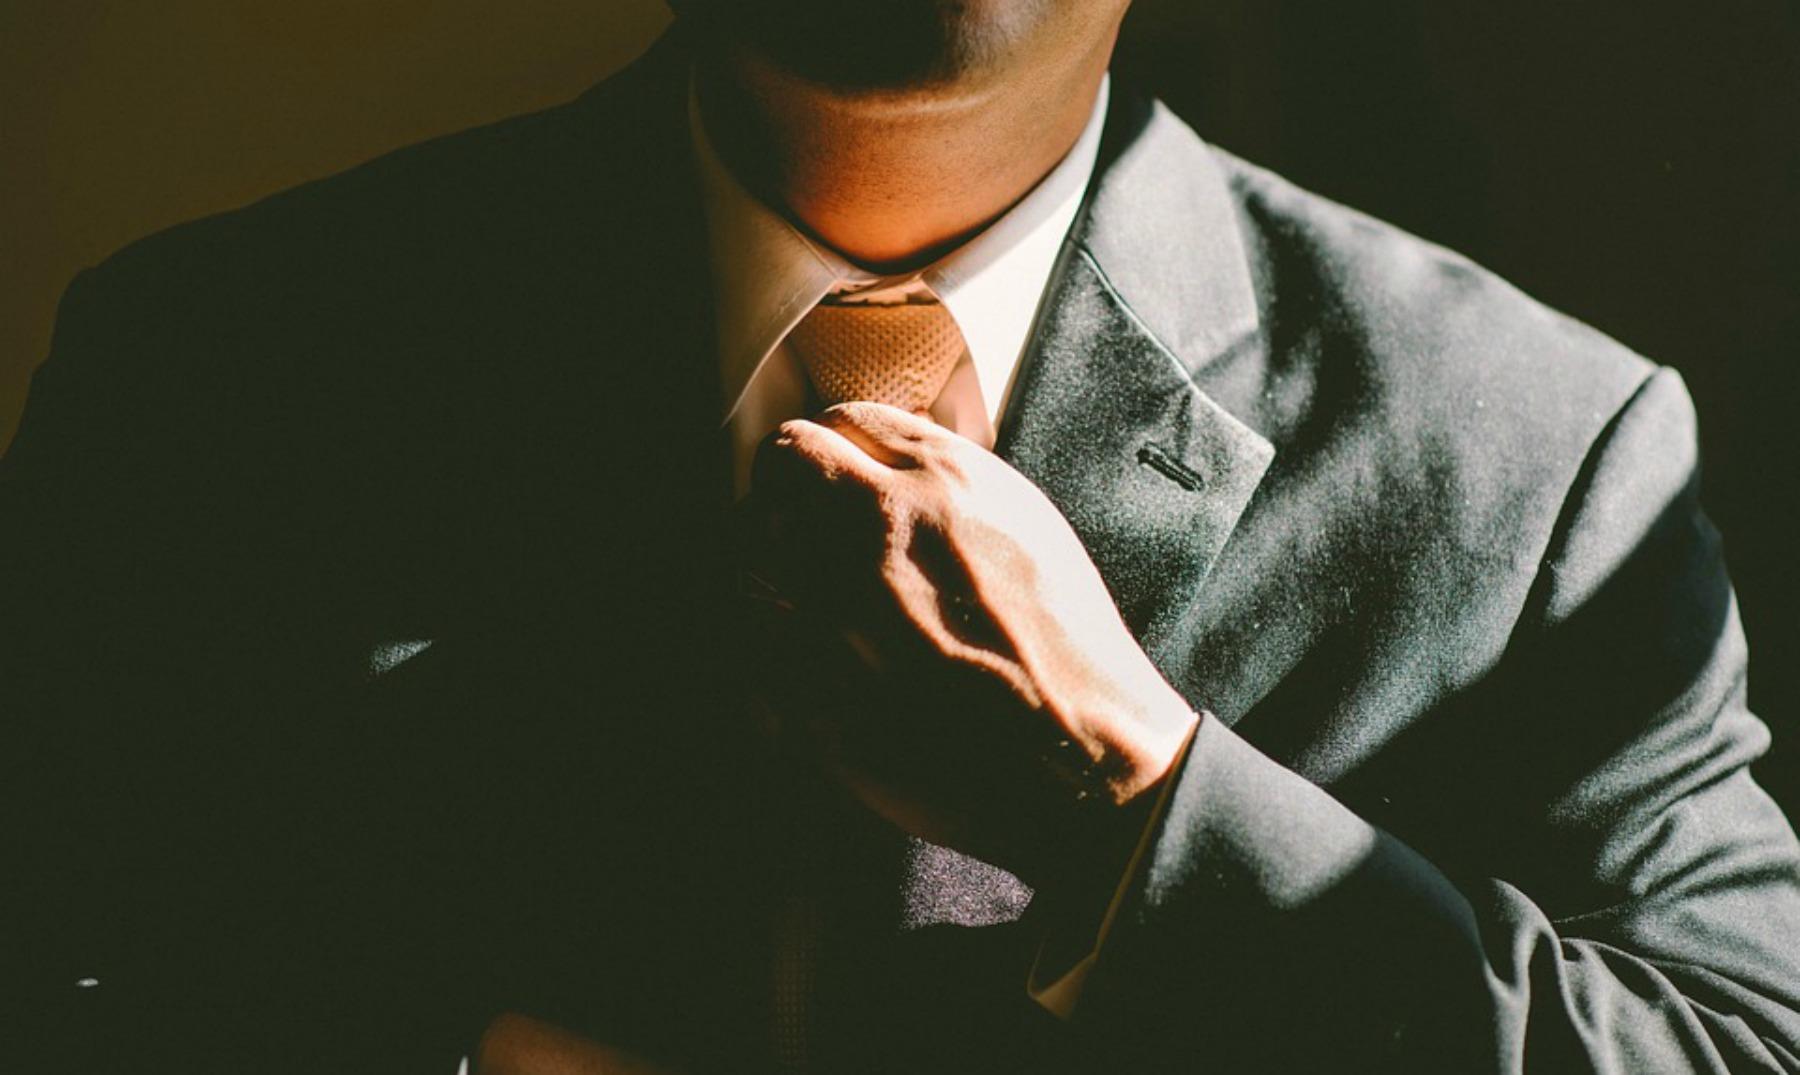 Frases de superación personal ¿Superas tus limitaciones?